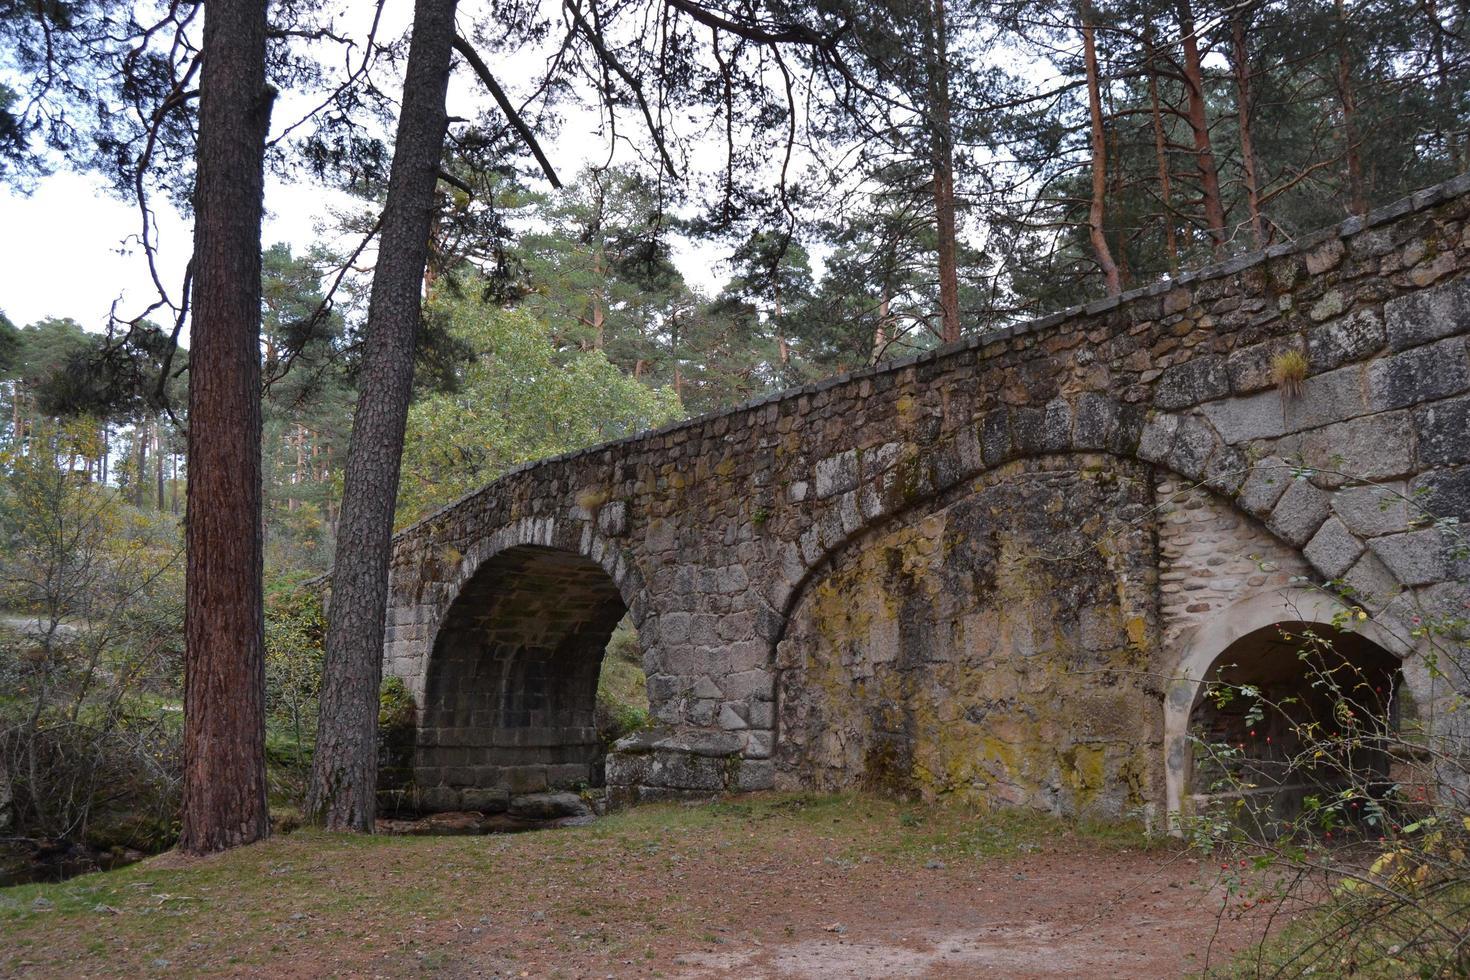 puente de piedra en un camino de un bosque foto